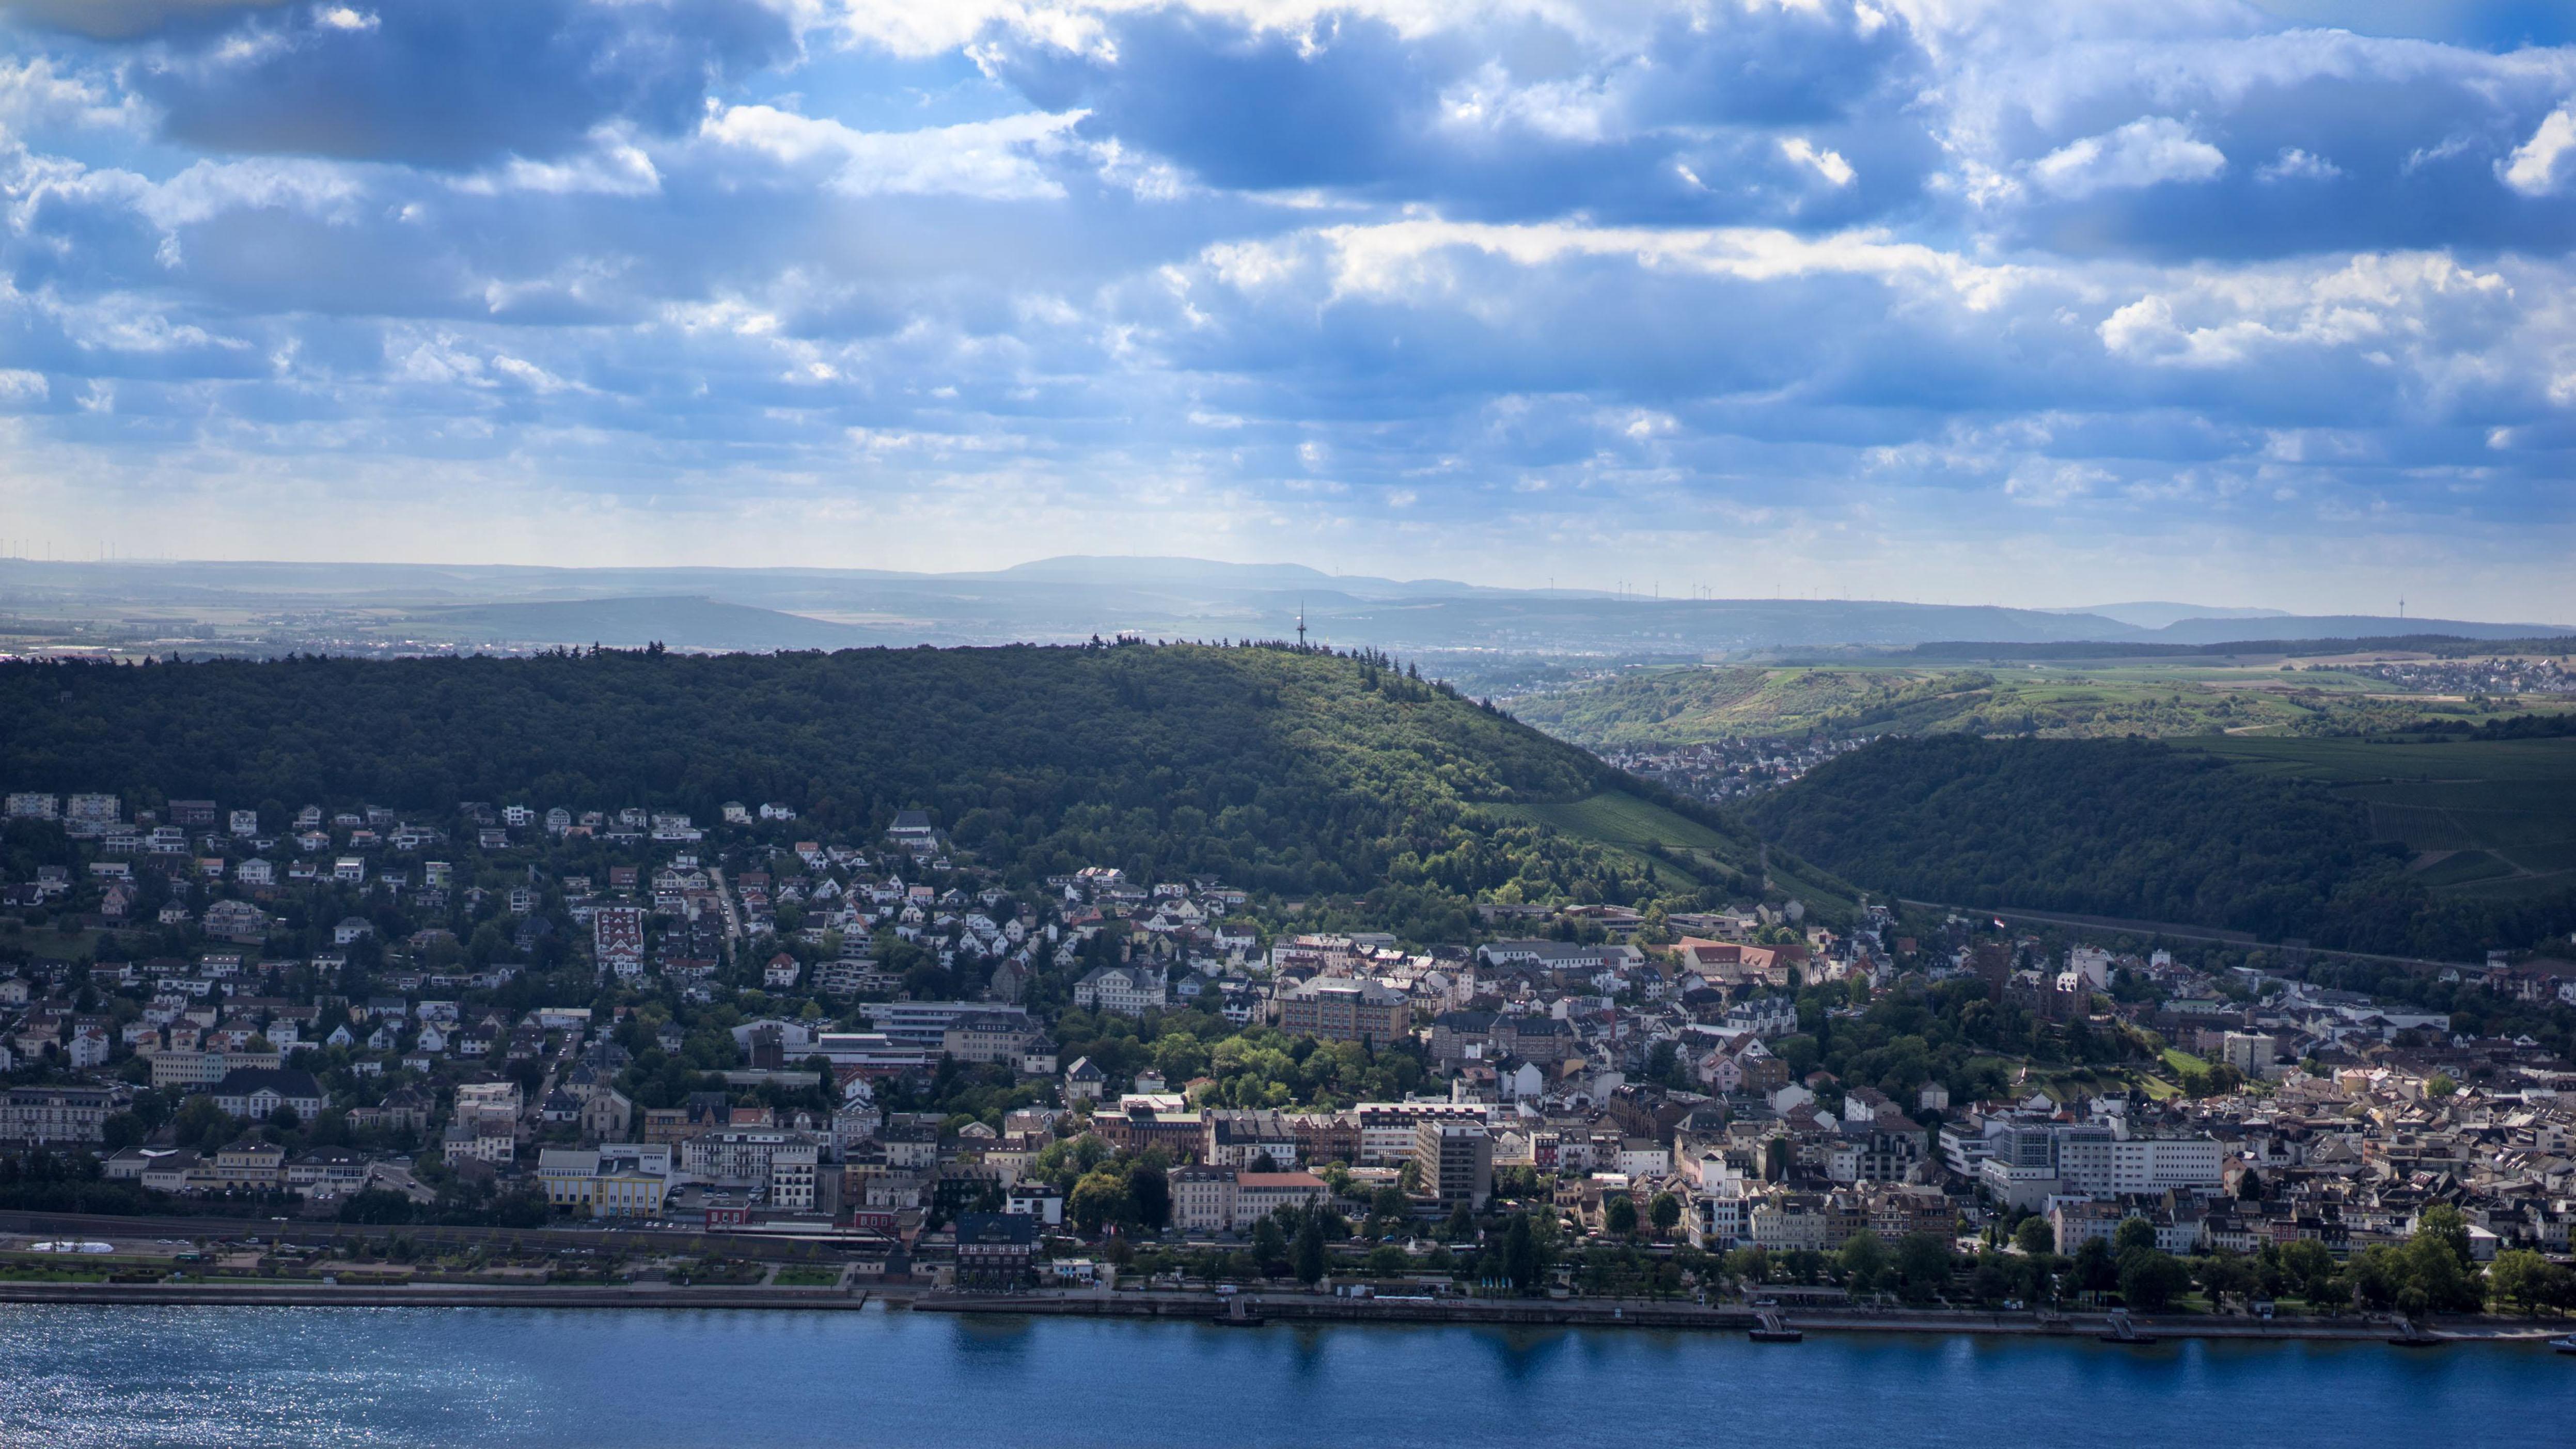 Am Rhein zwischen Bingen und Koblenz, Bingen